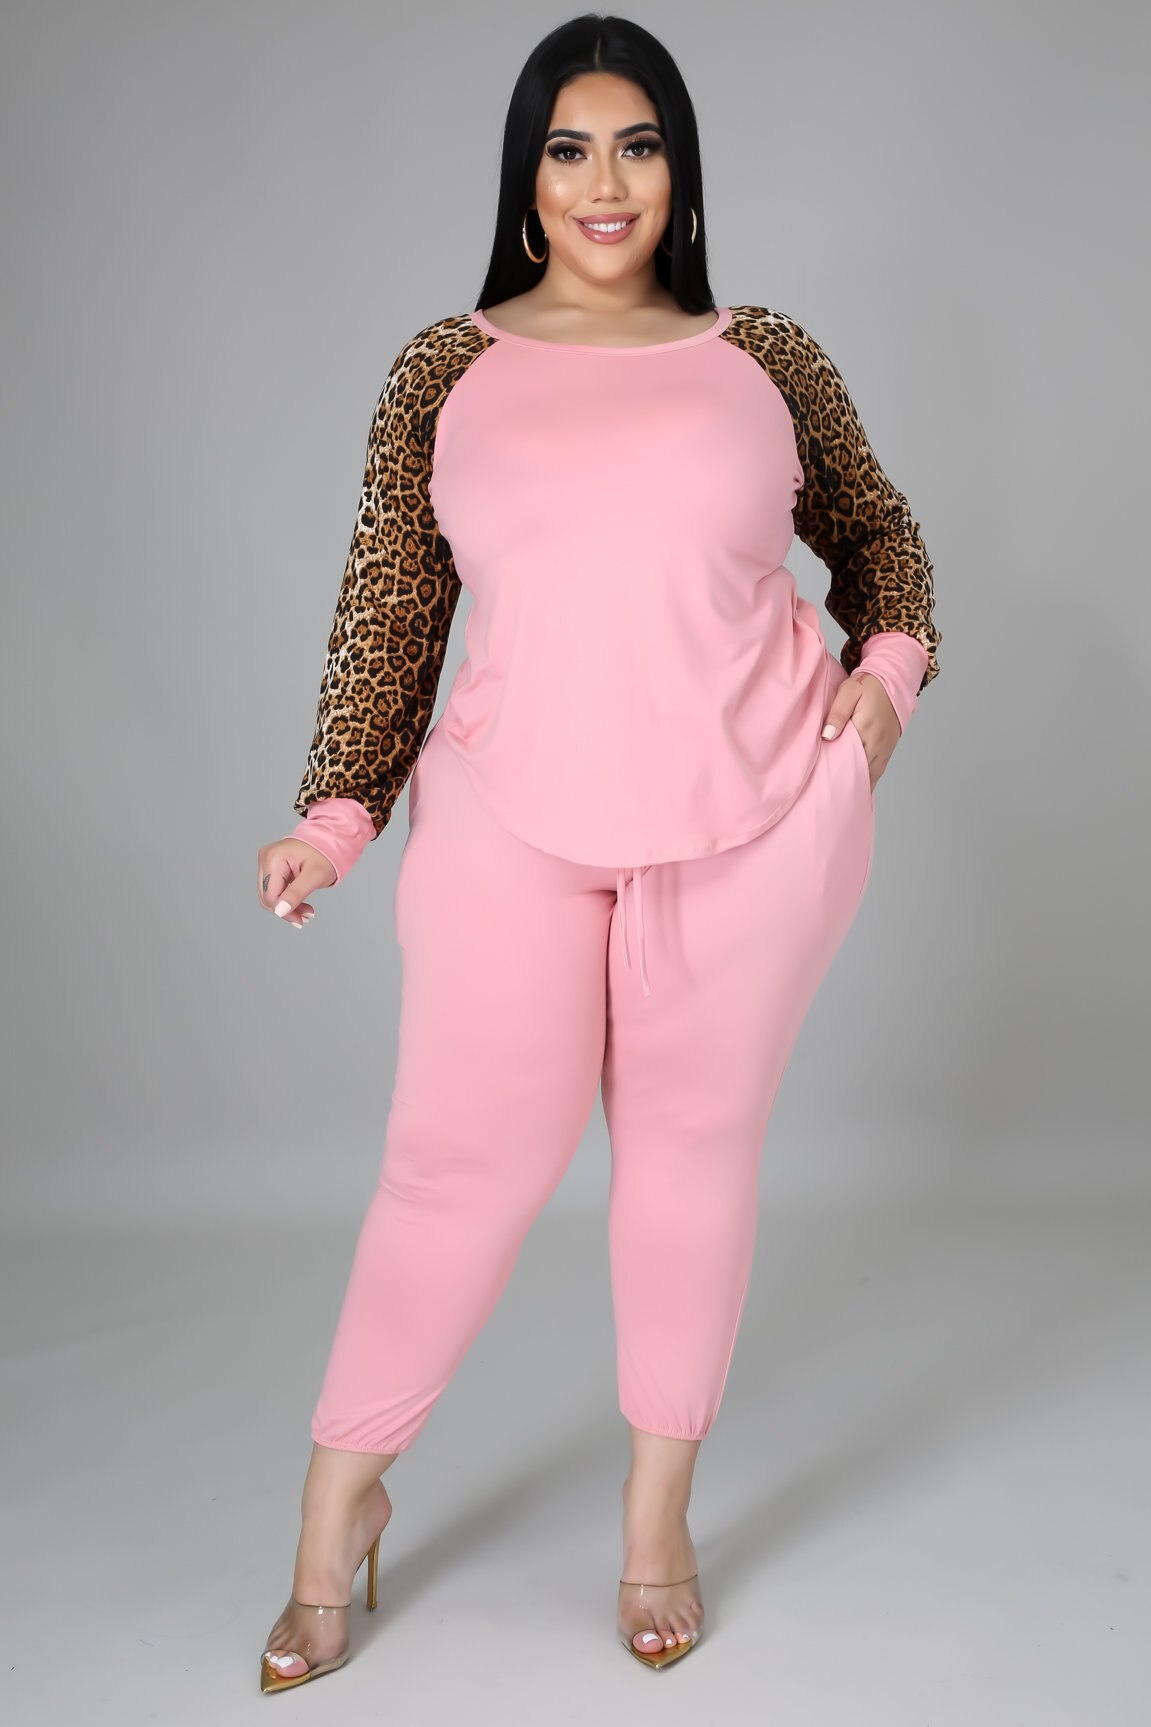 Комплекты ChocoMisty-LadyPlus больших размеров, повседневные брюки с леопардовым принтом в стиле пэчворк SC0327